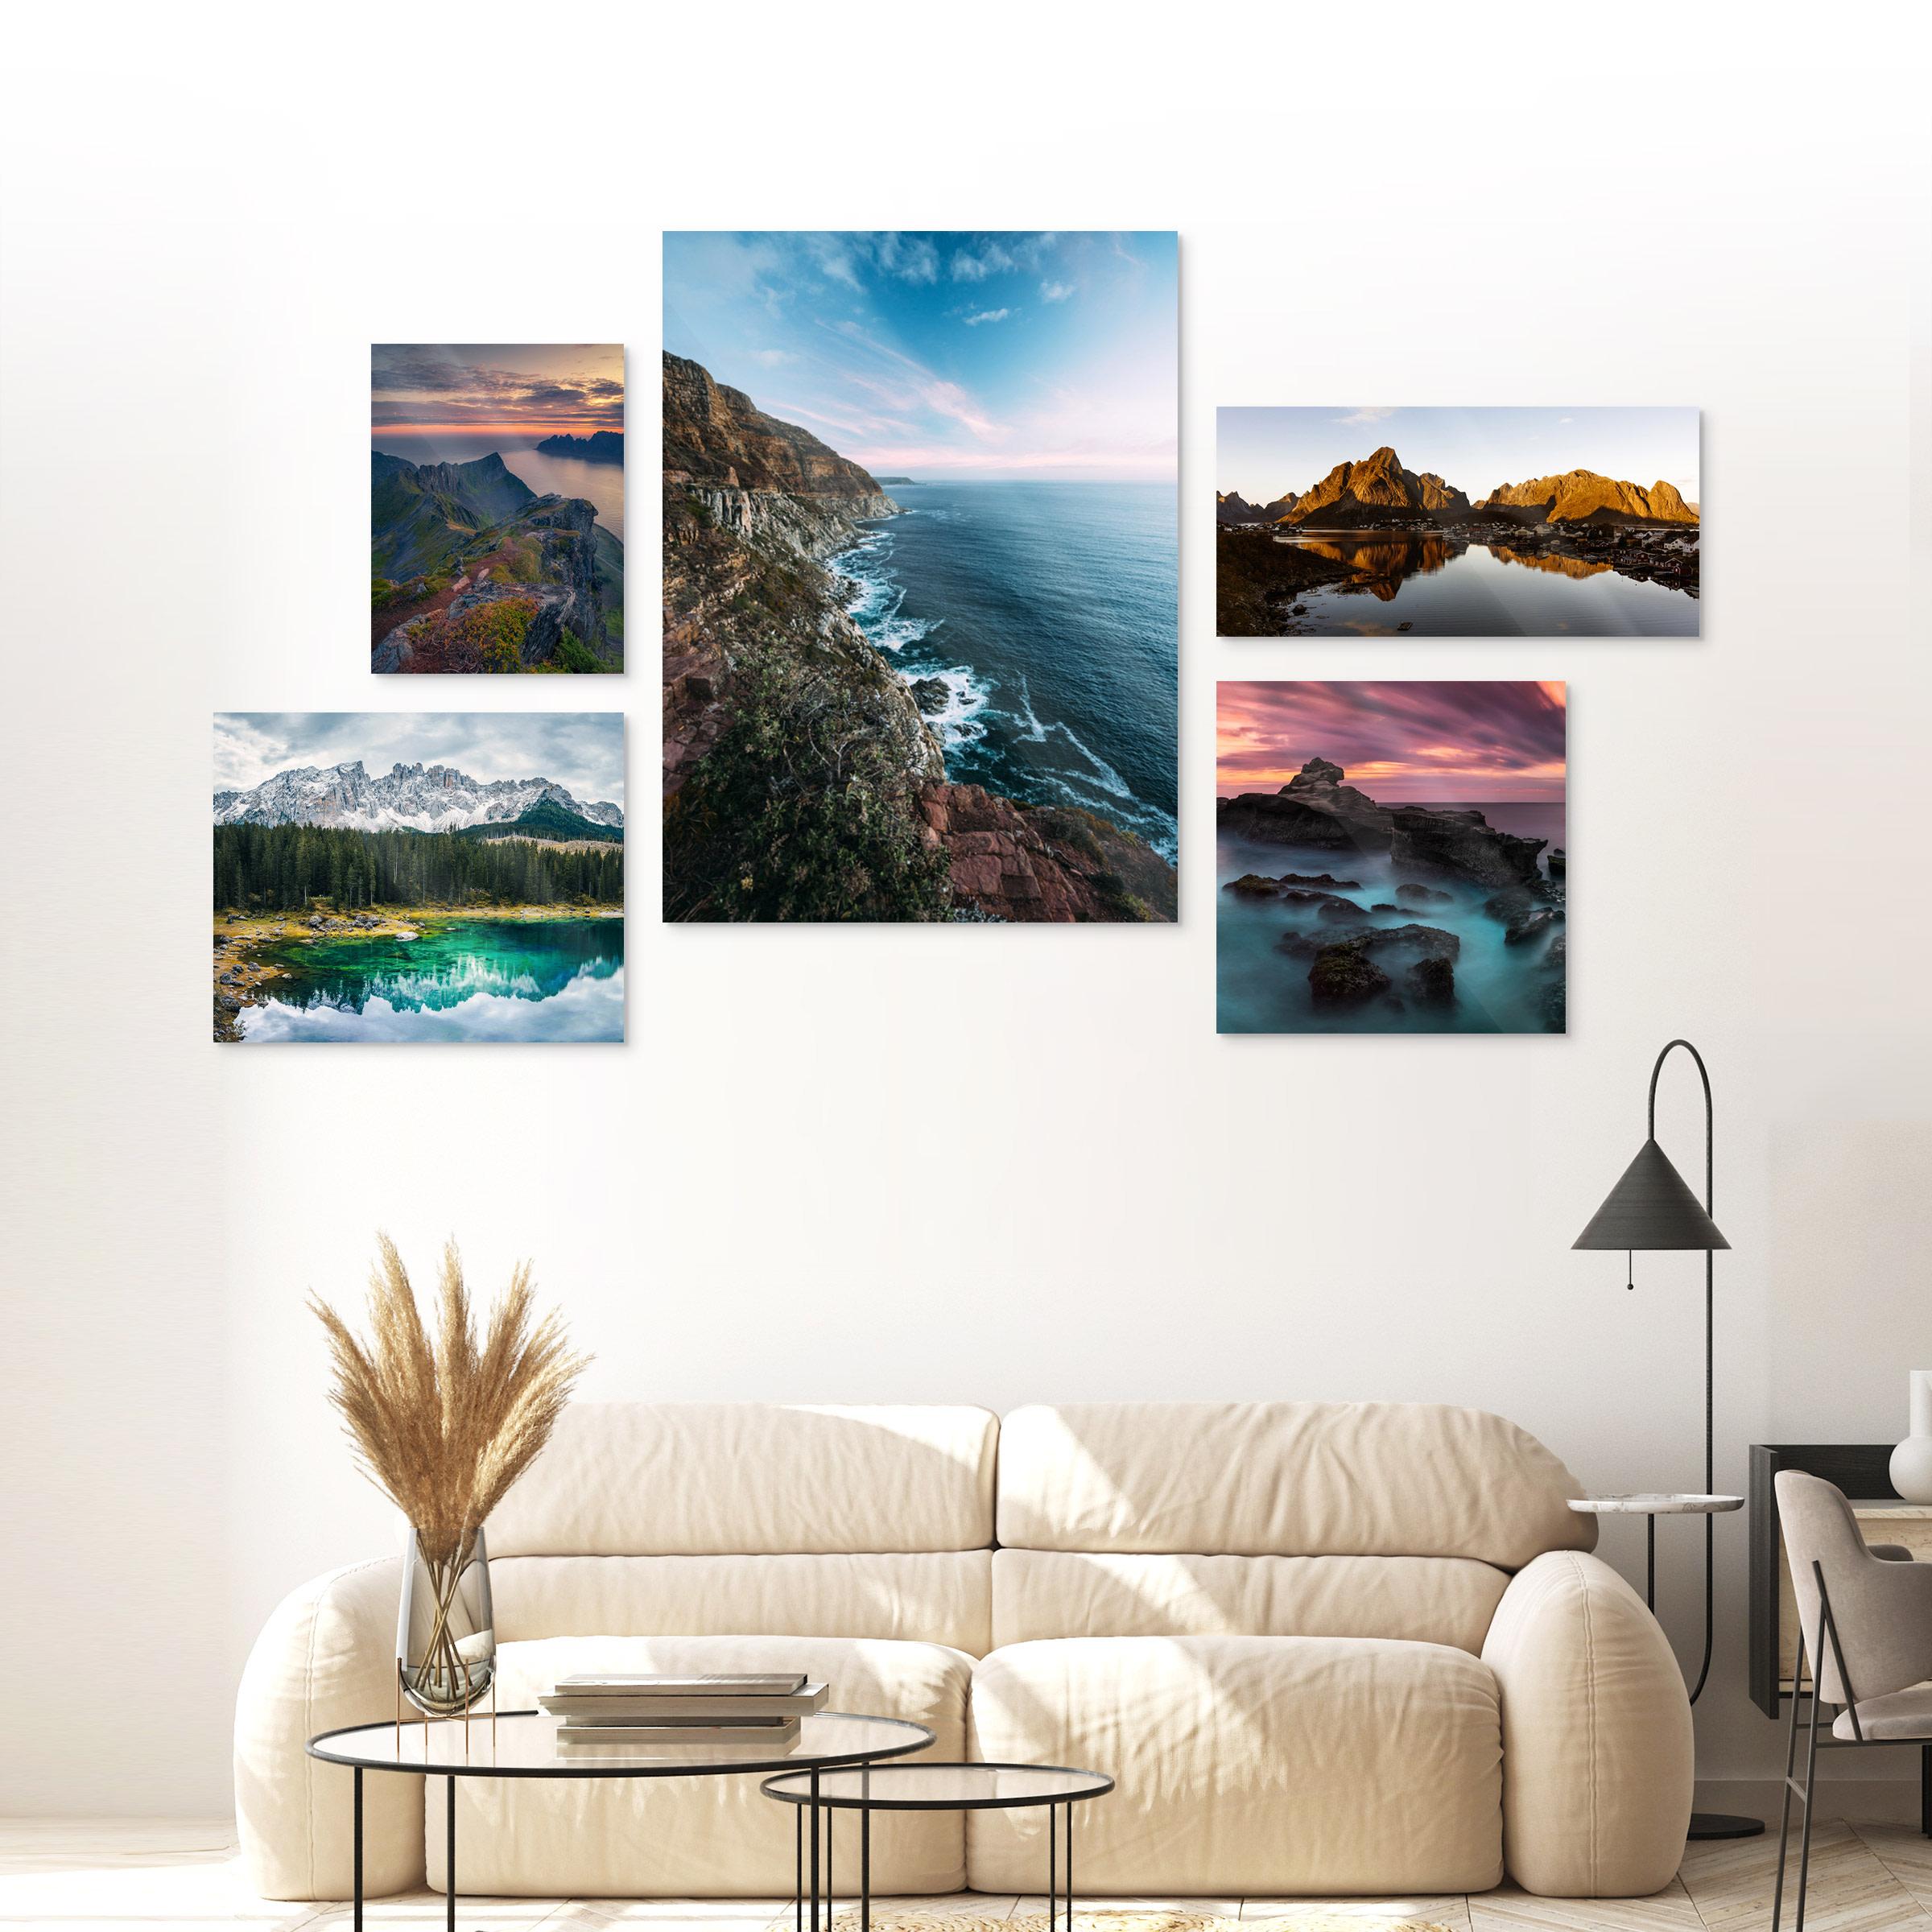 echter-fotoabzug-auf-aludibond-landschaft-ultrahd-inspiration-1200x1200.jpg